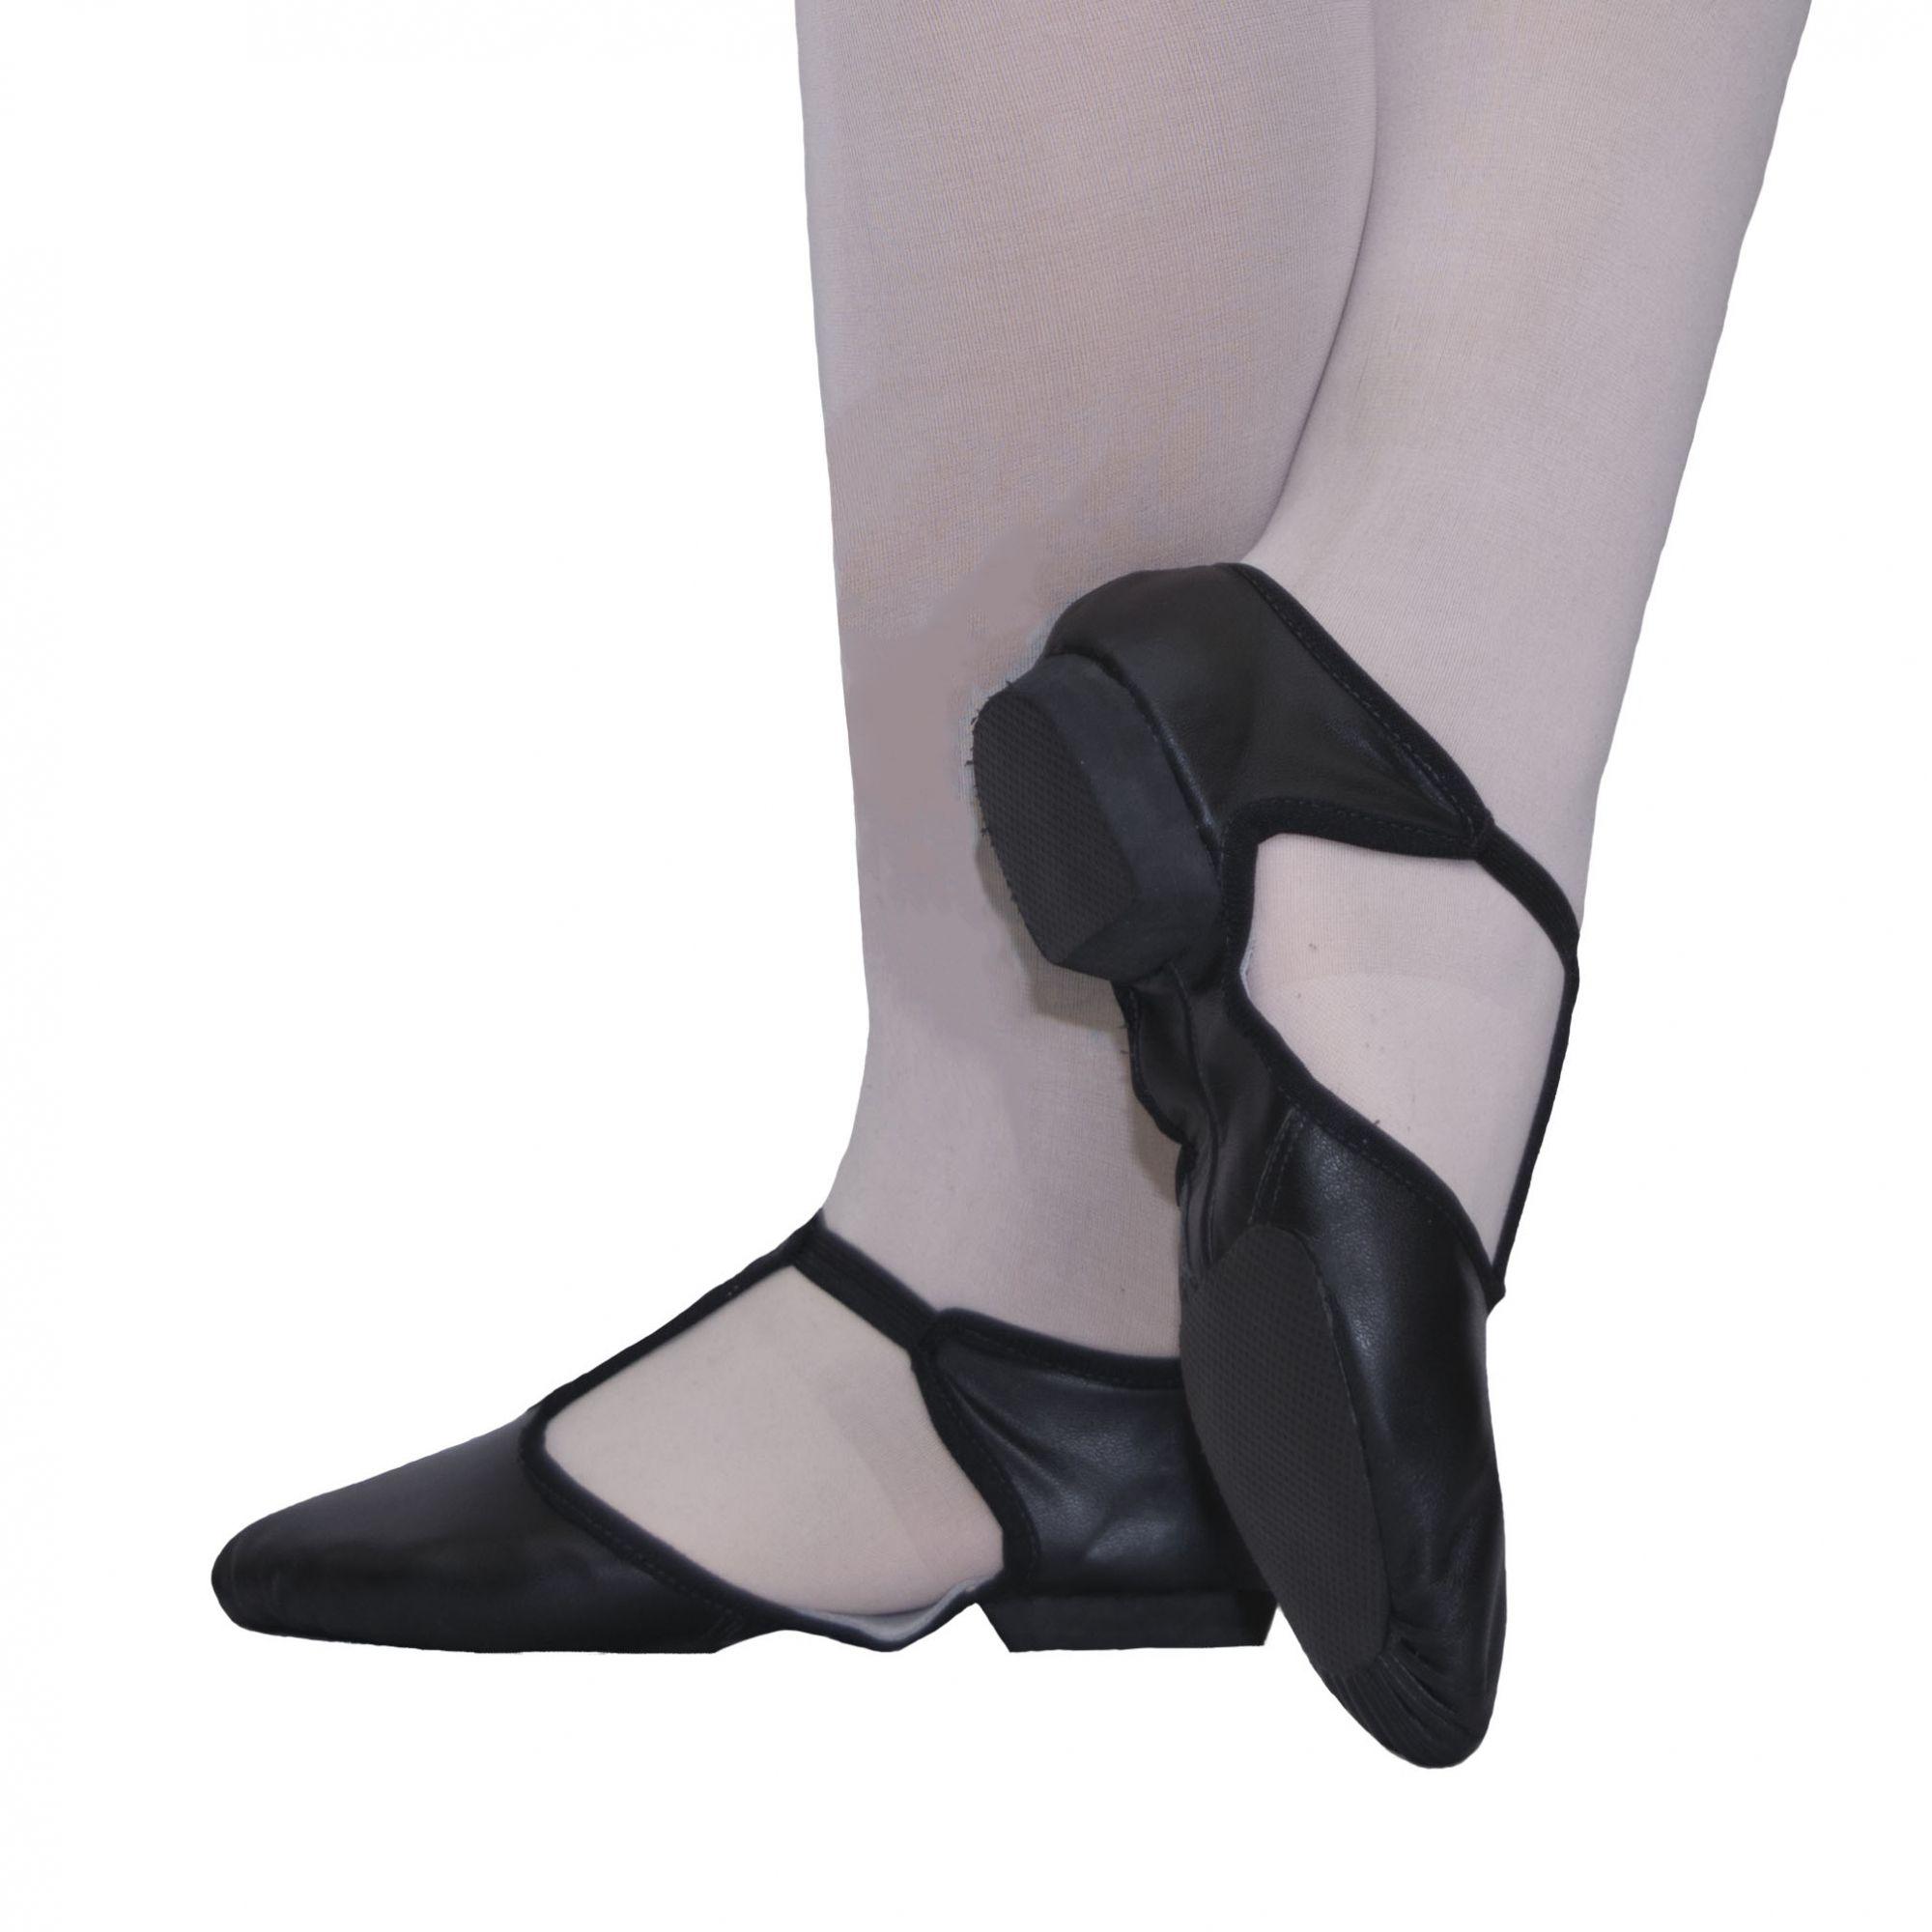 Sapato Professor sola dividida - Couro